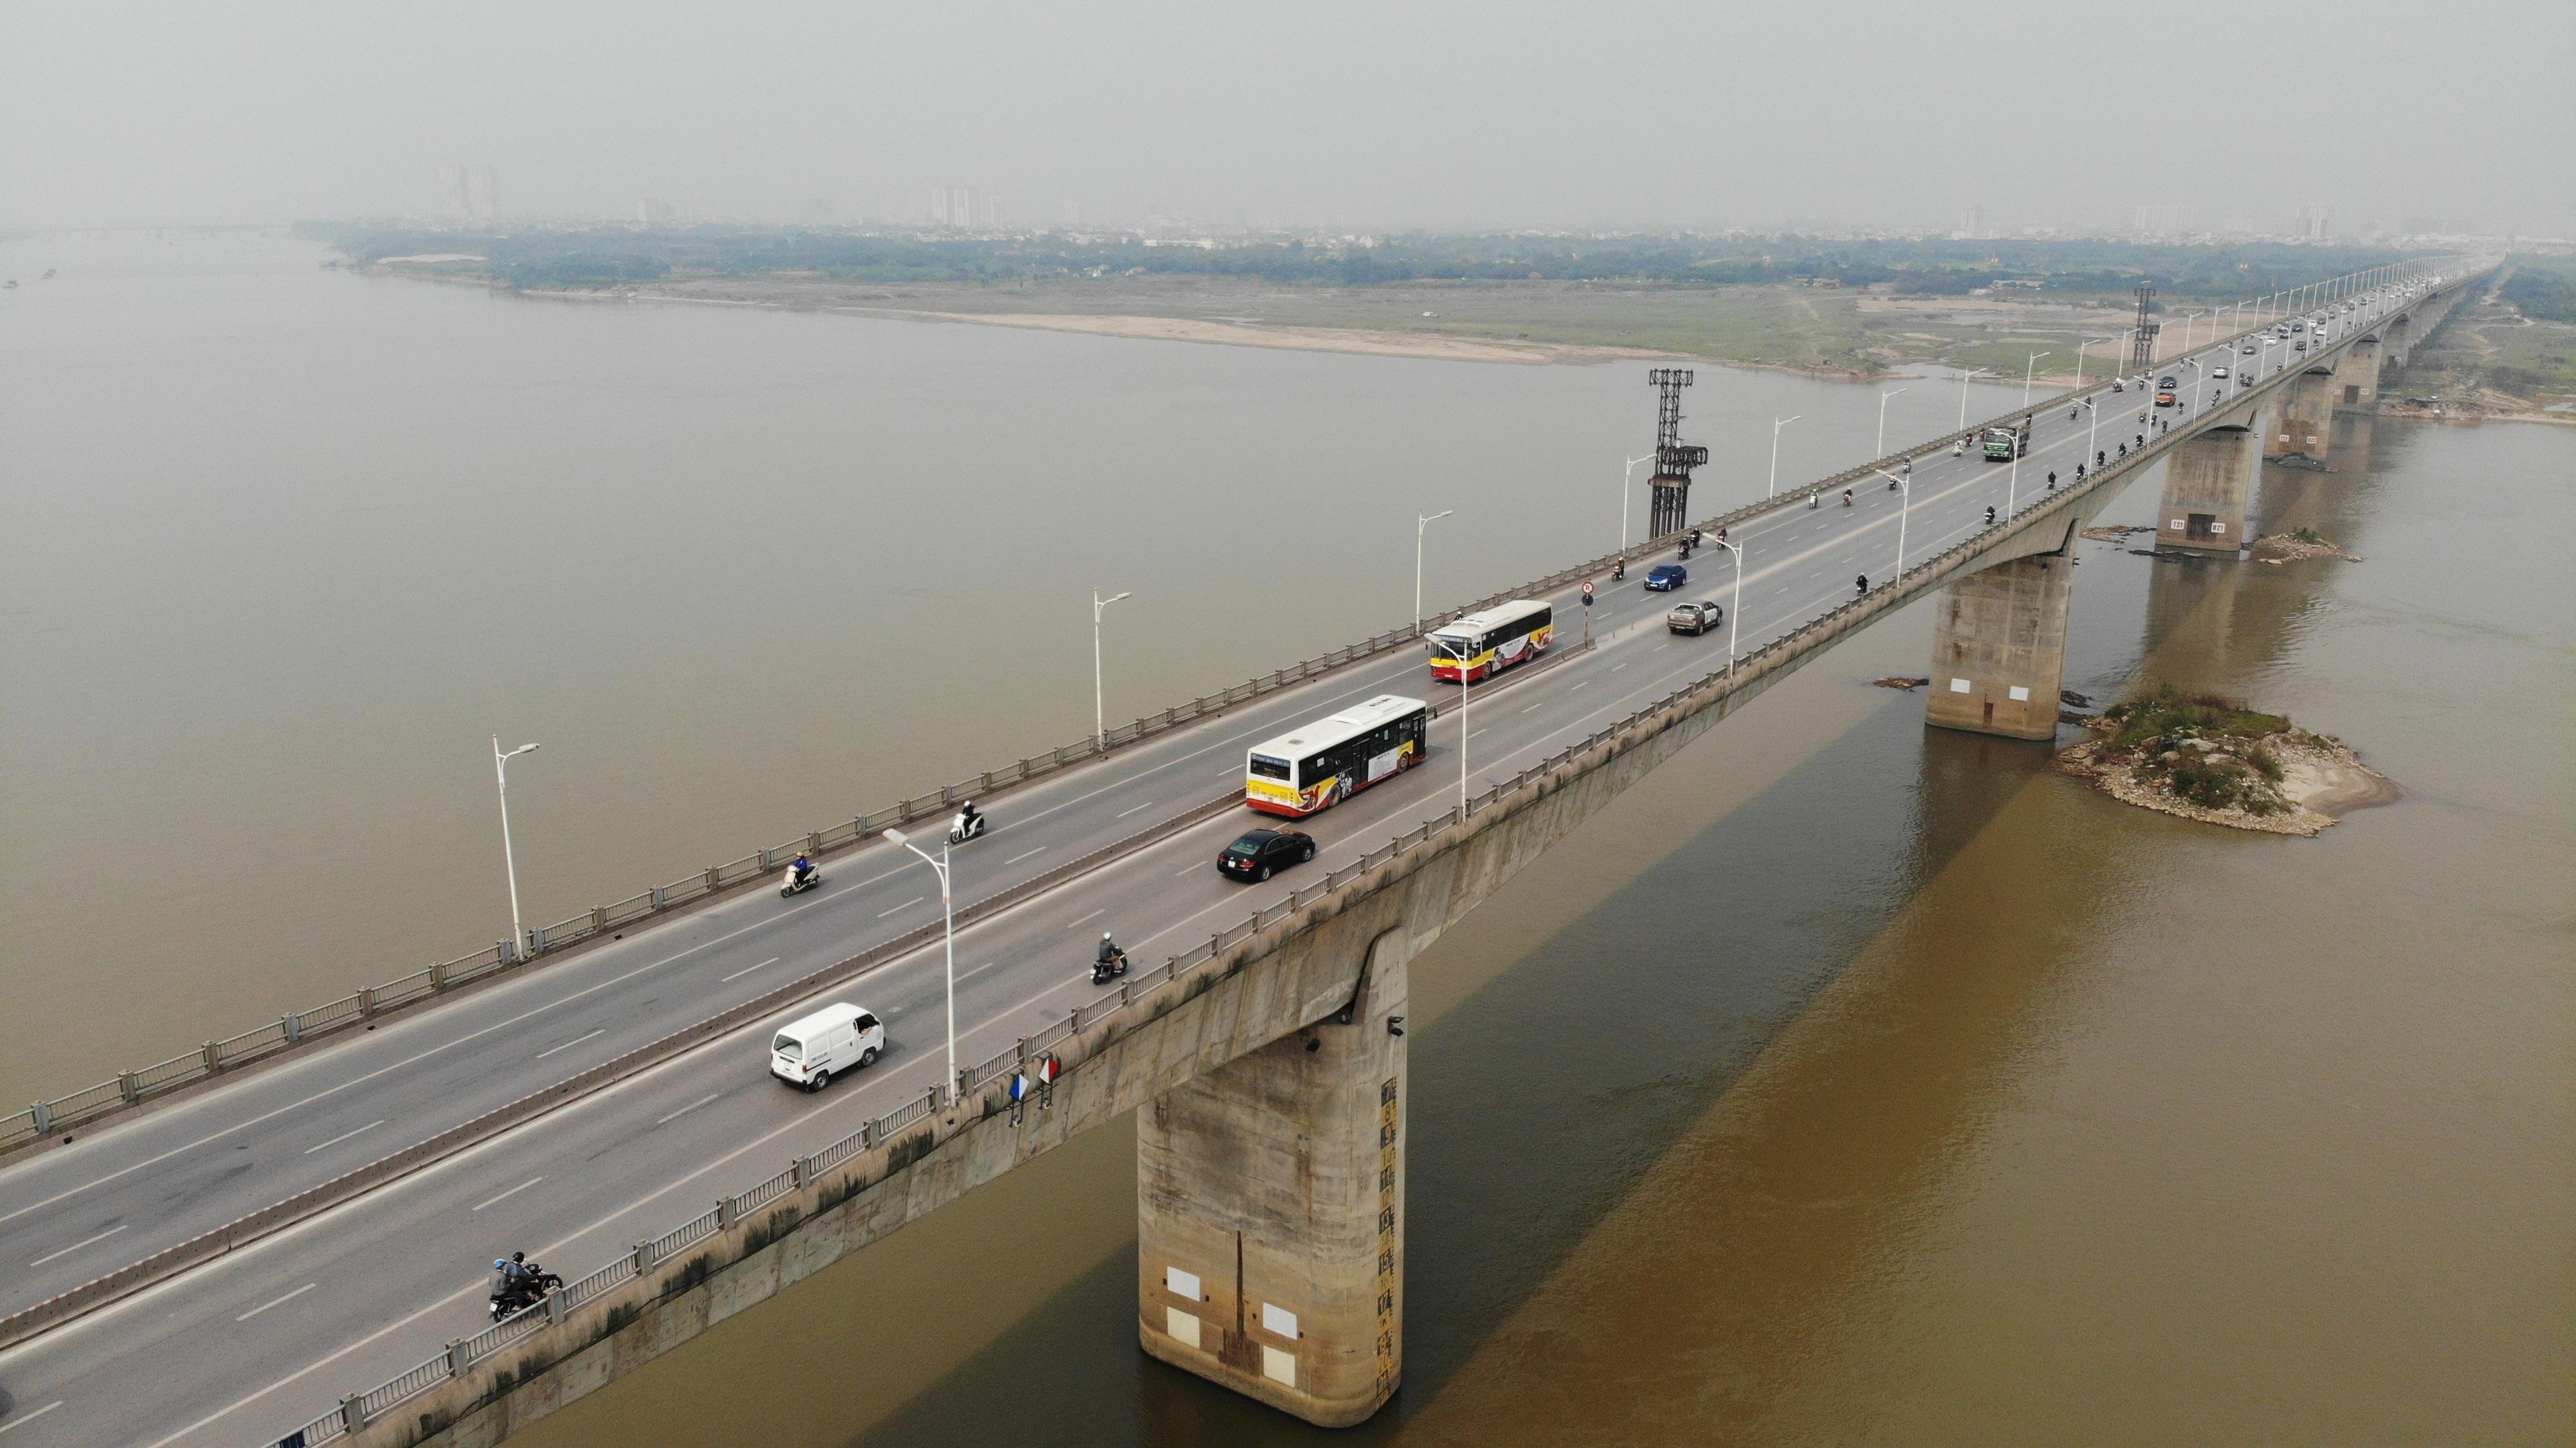 Khu Nam Hà Nội 'phá kén' với những cú bật hạ tầng - Ảnh 8.